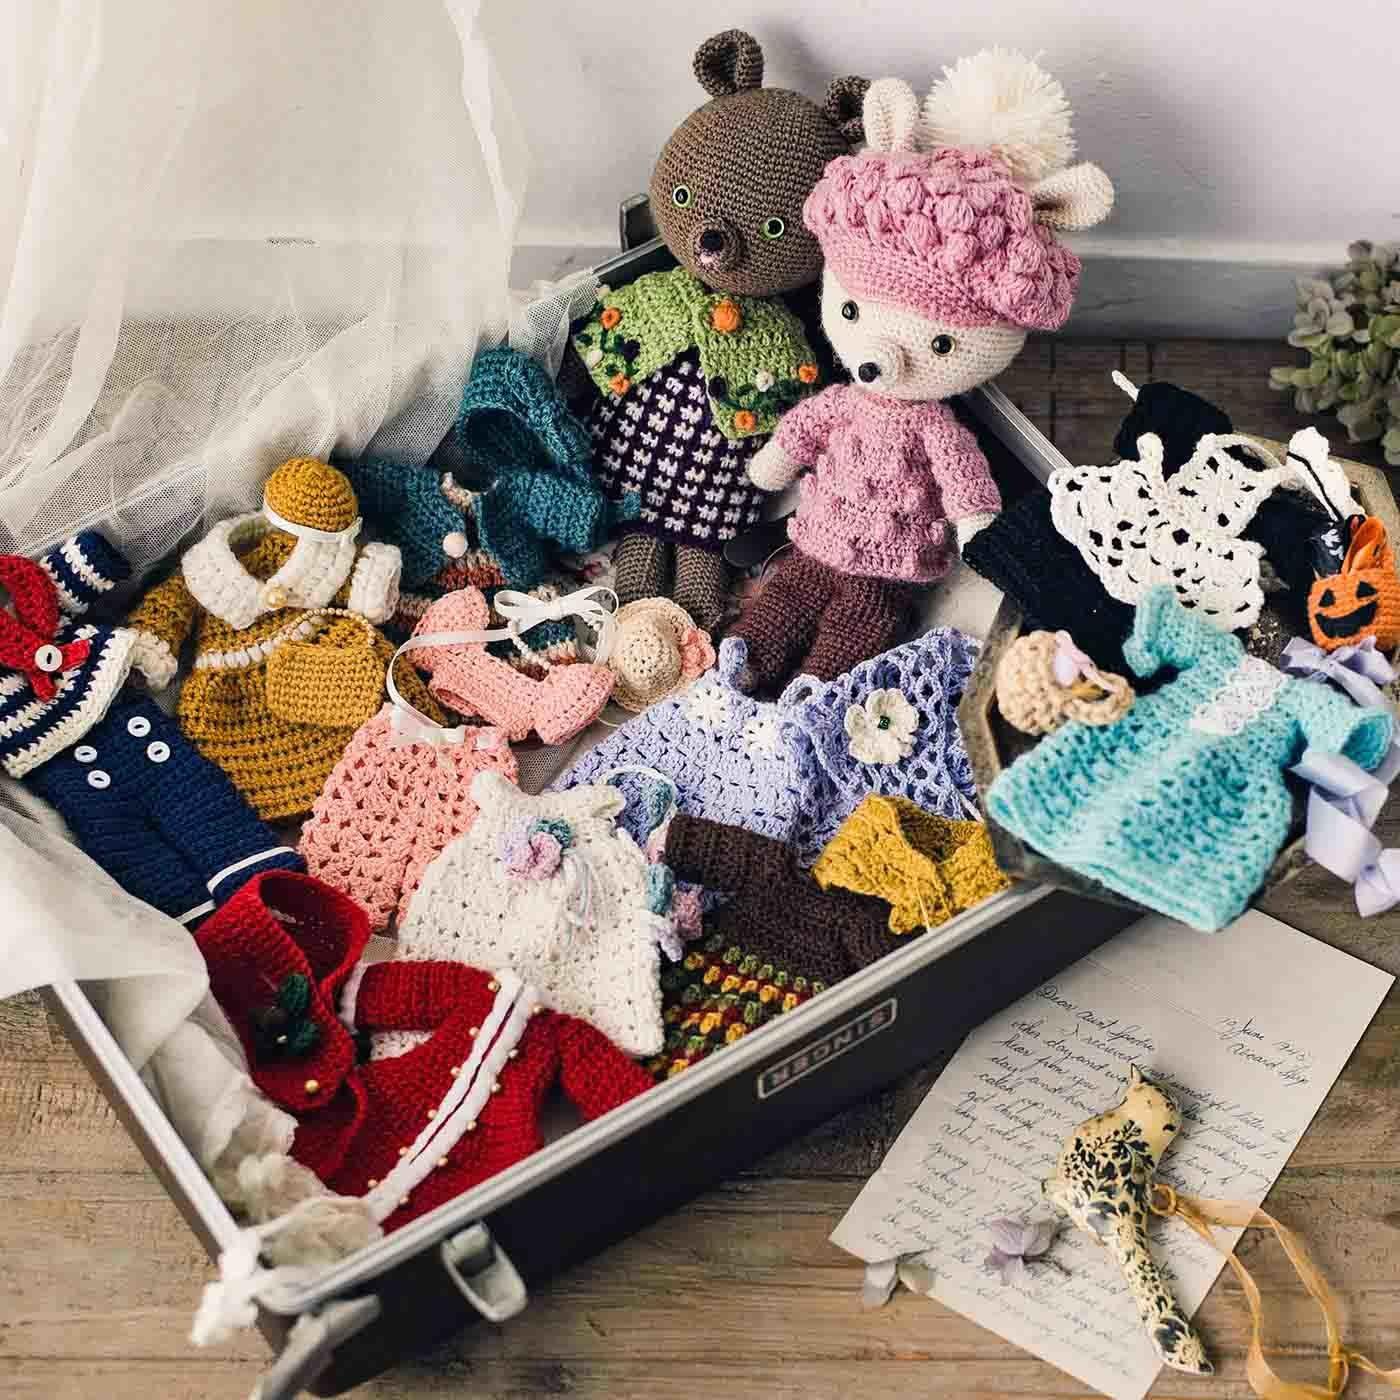 【クチュリエクラブ会員限定】ニットデザイナー気分で12ヵ月をコーディネイト かぎ針編みの着せ替えお洋服の会(期間予約)